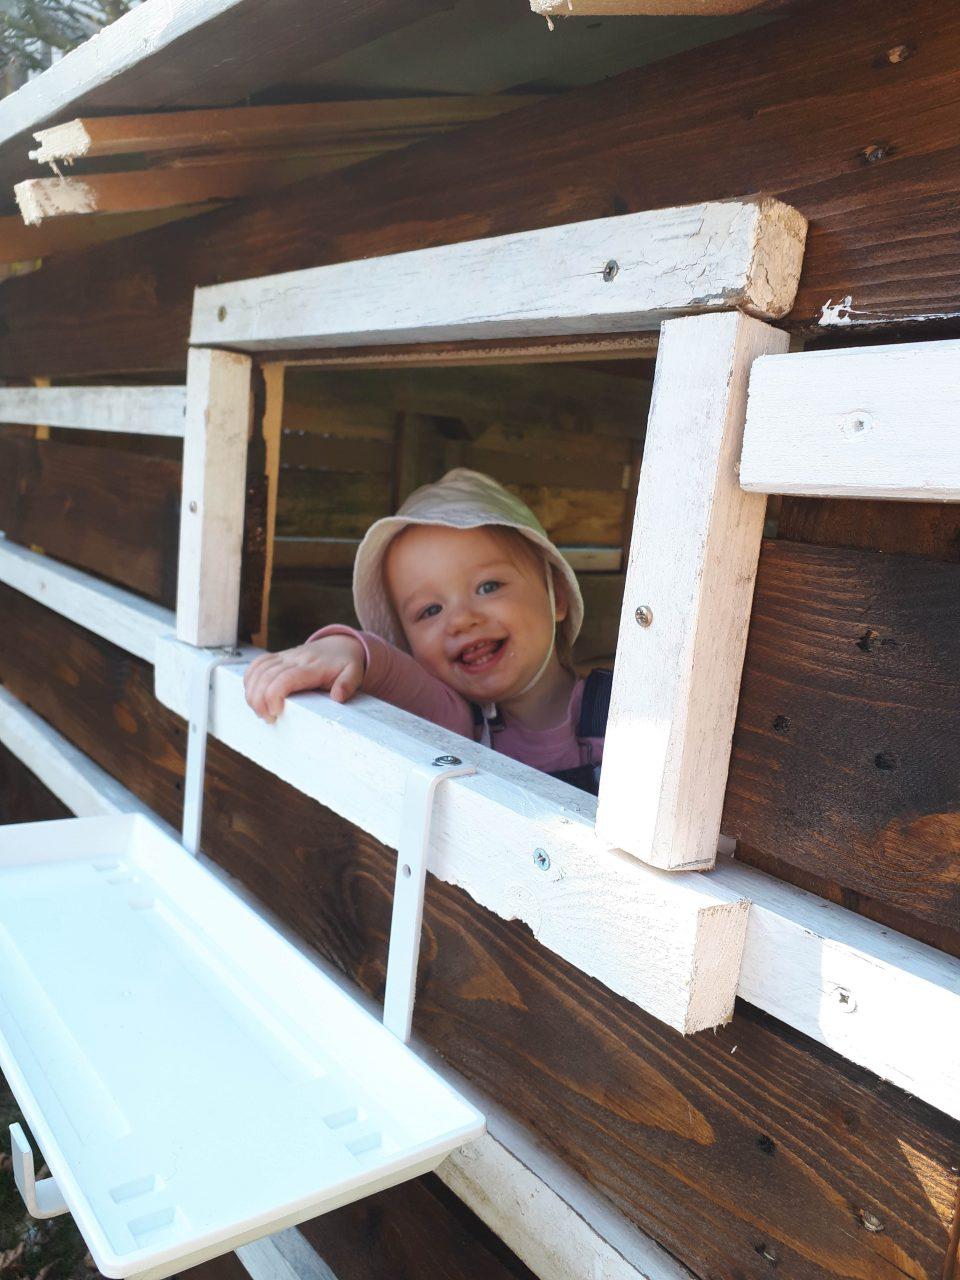 Das ausgebaute Spielhaus unter den Bäumen sorgt für große Begeisterung bei den Kleinen.